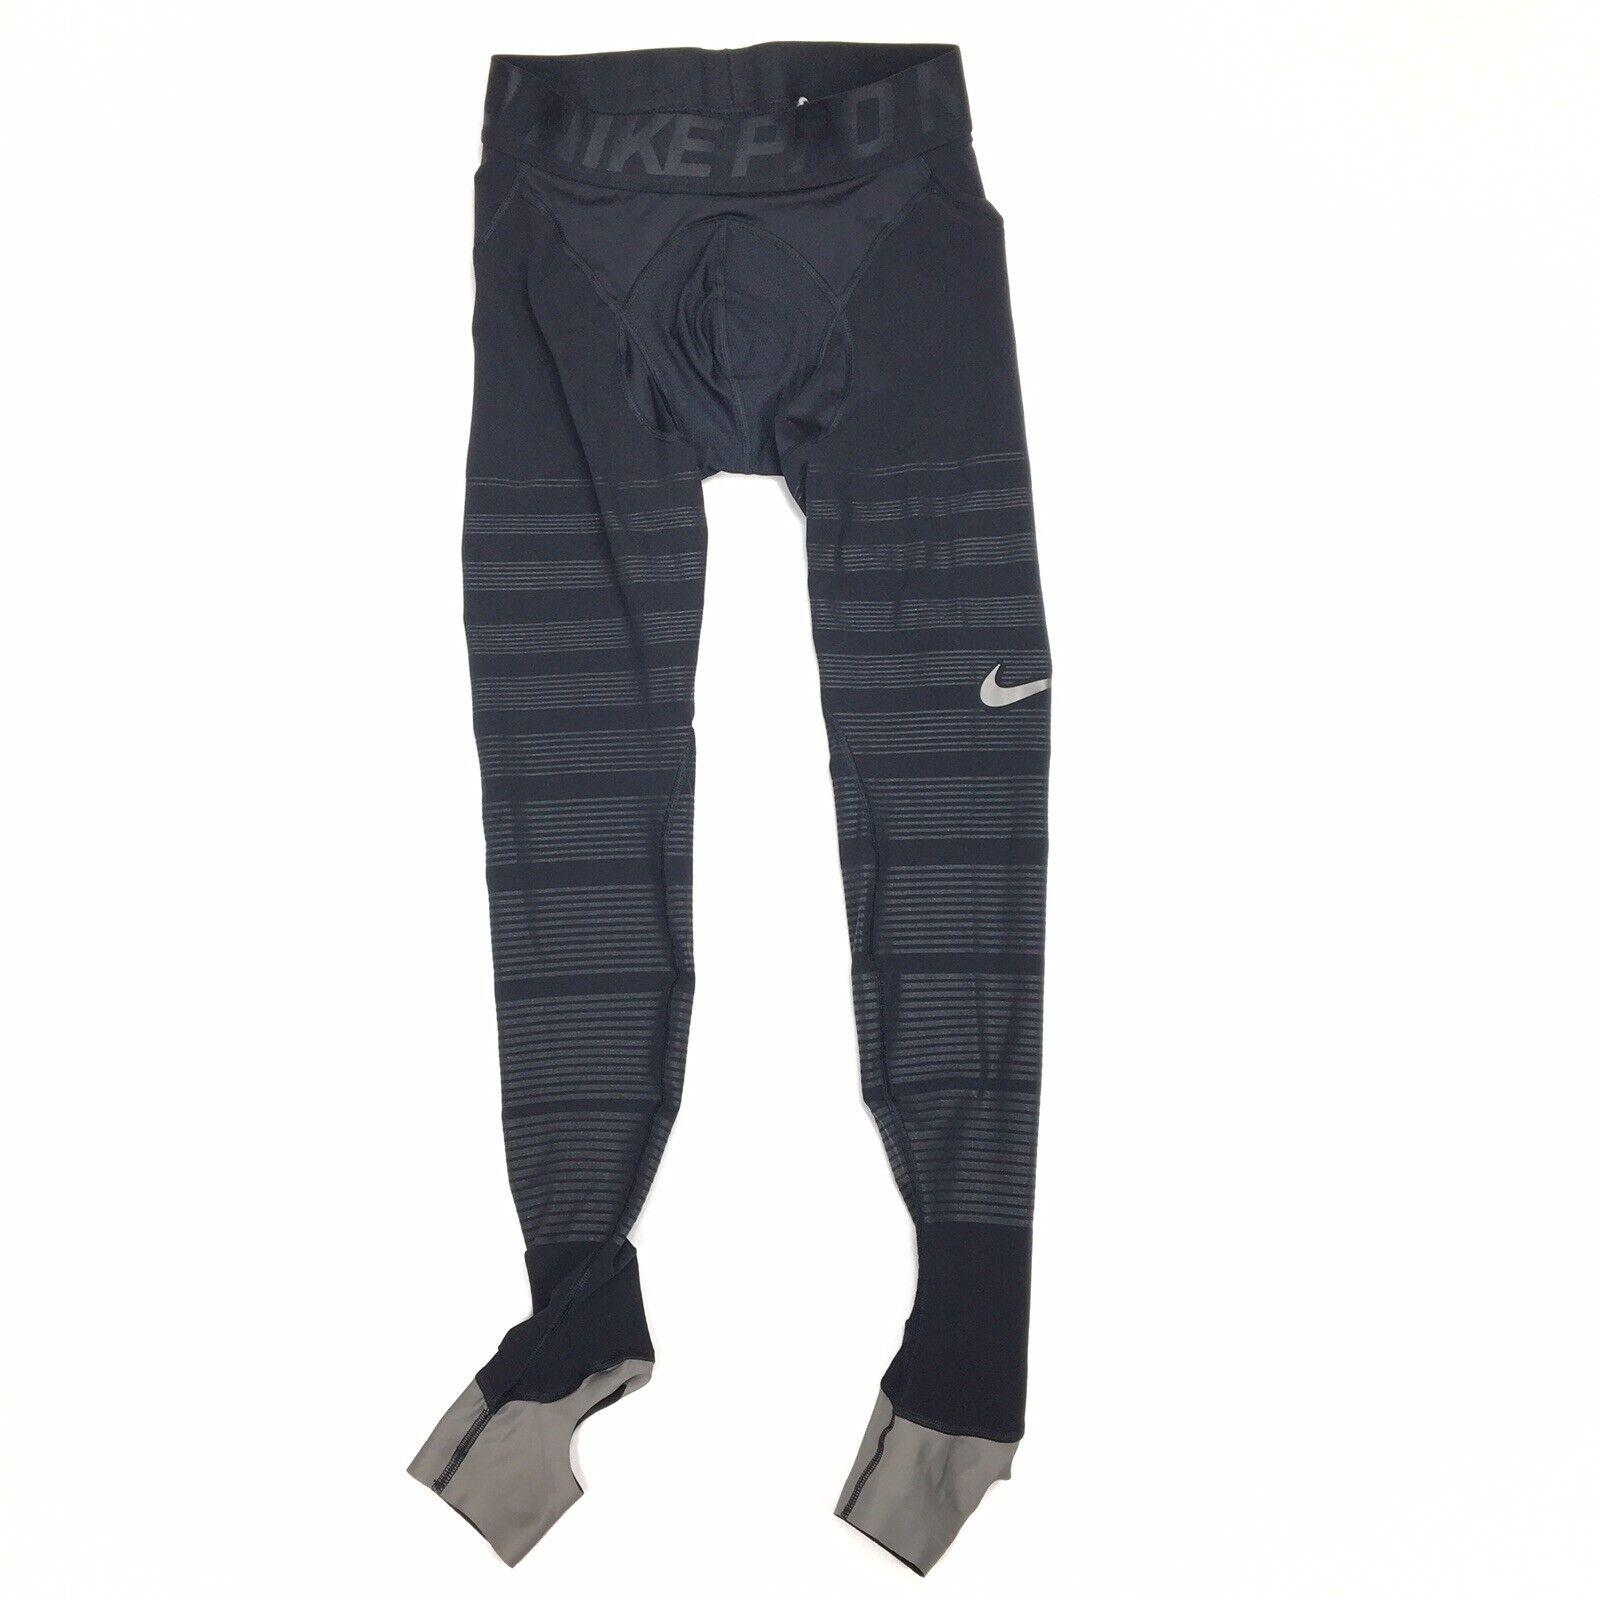 Compresión Nike Pro Para Hombre hyperrecovery Calzas Tamaño Pequeño Negro 812988-010